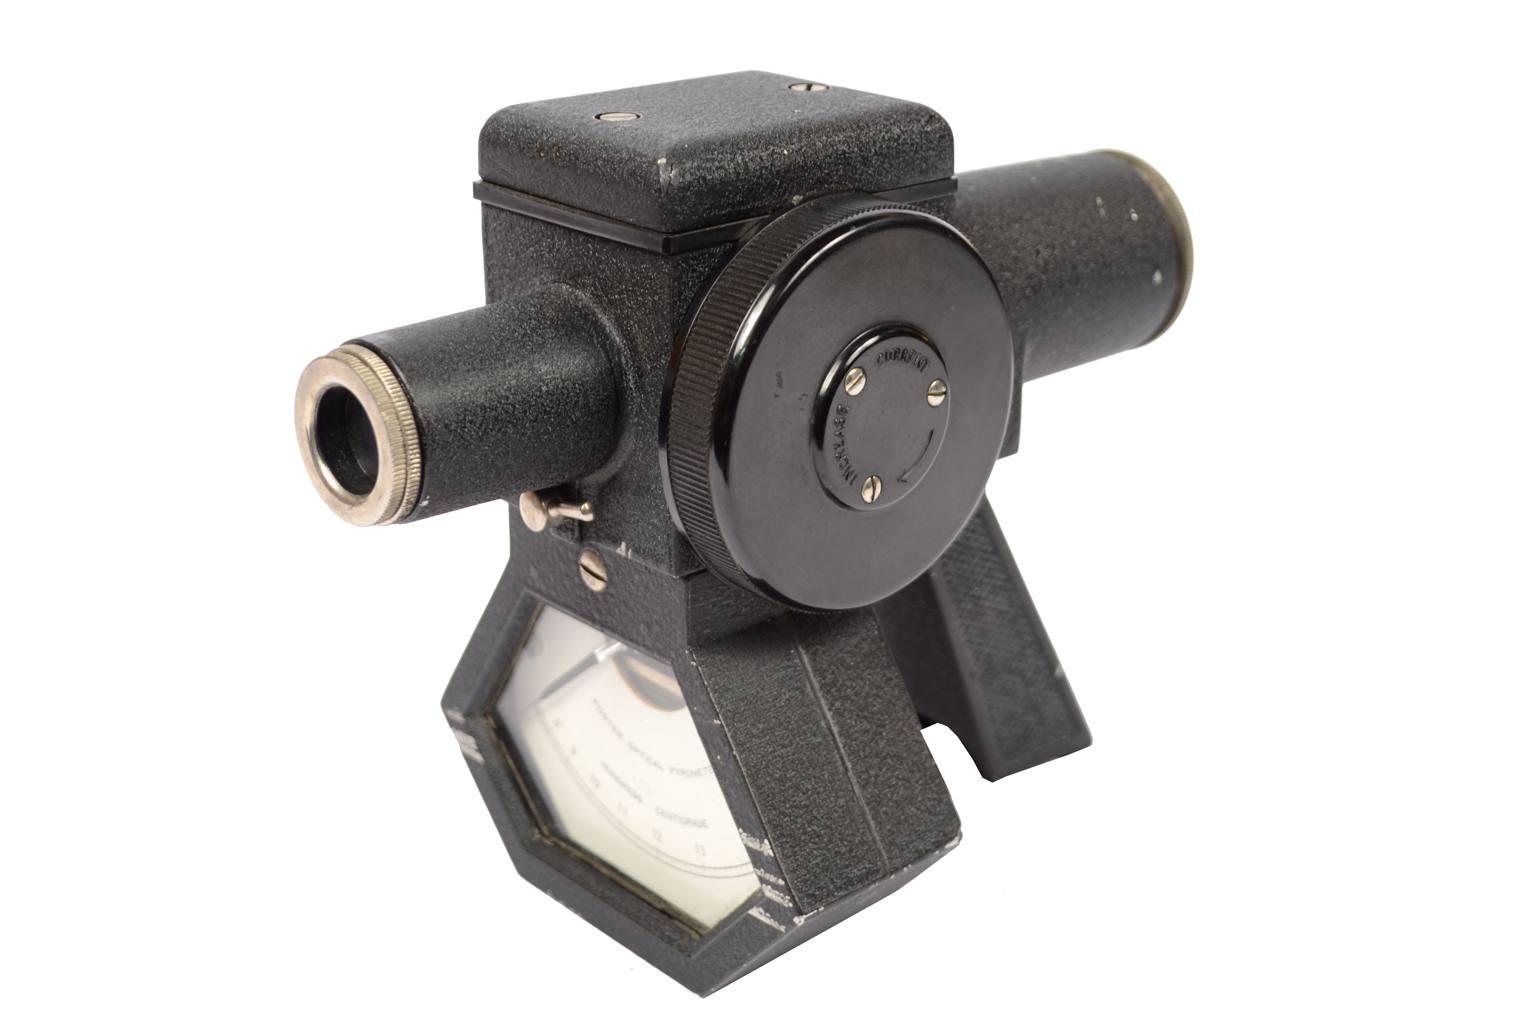 Strumenti di misura antichi/A71-Pirometro